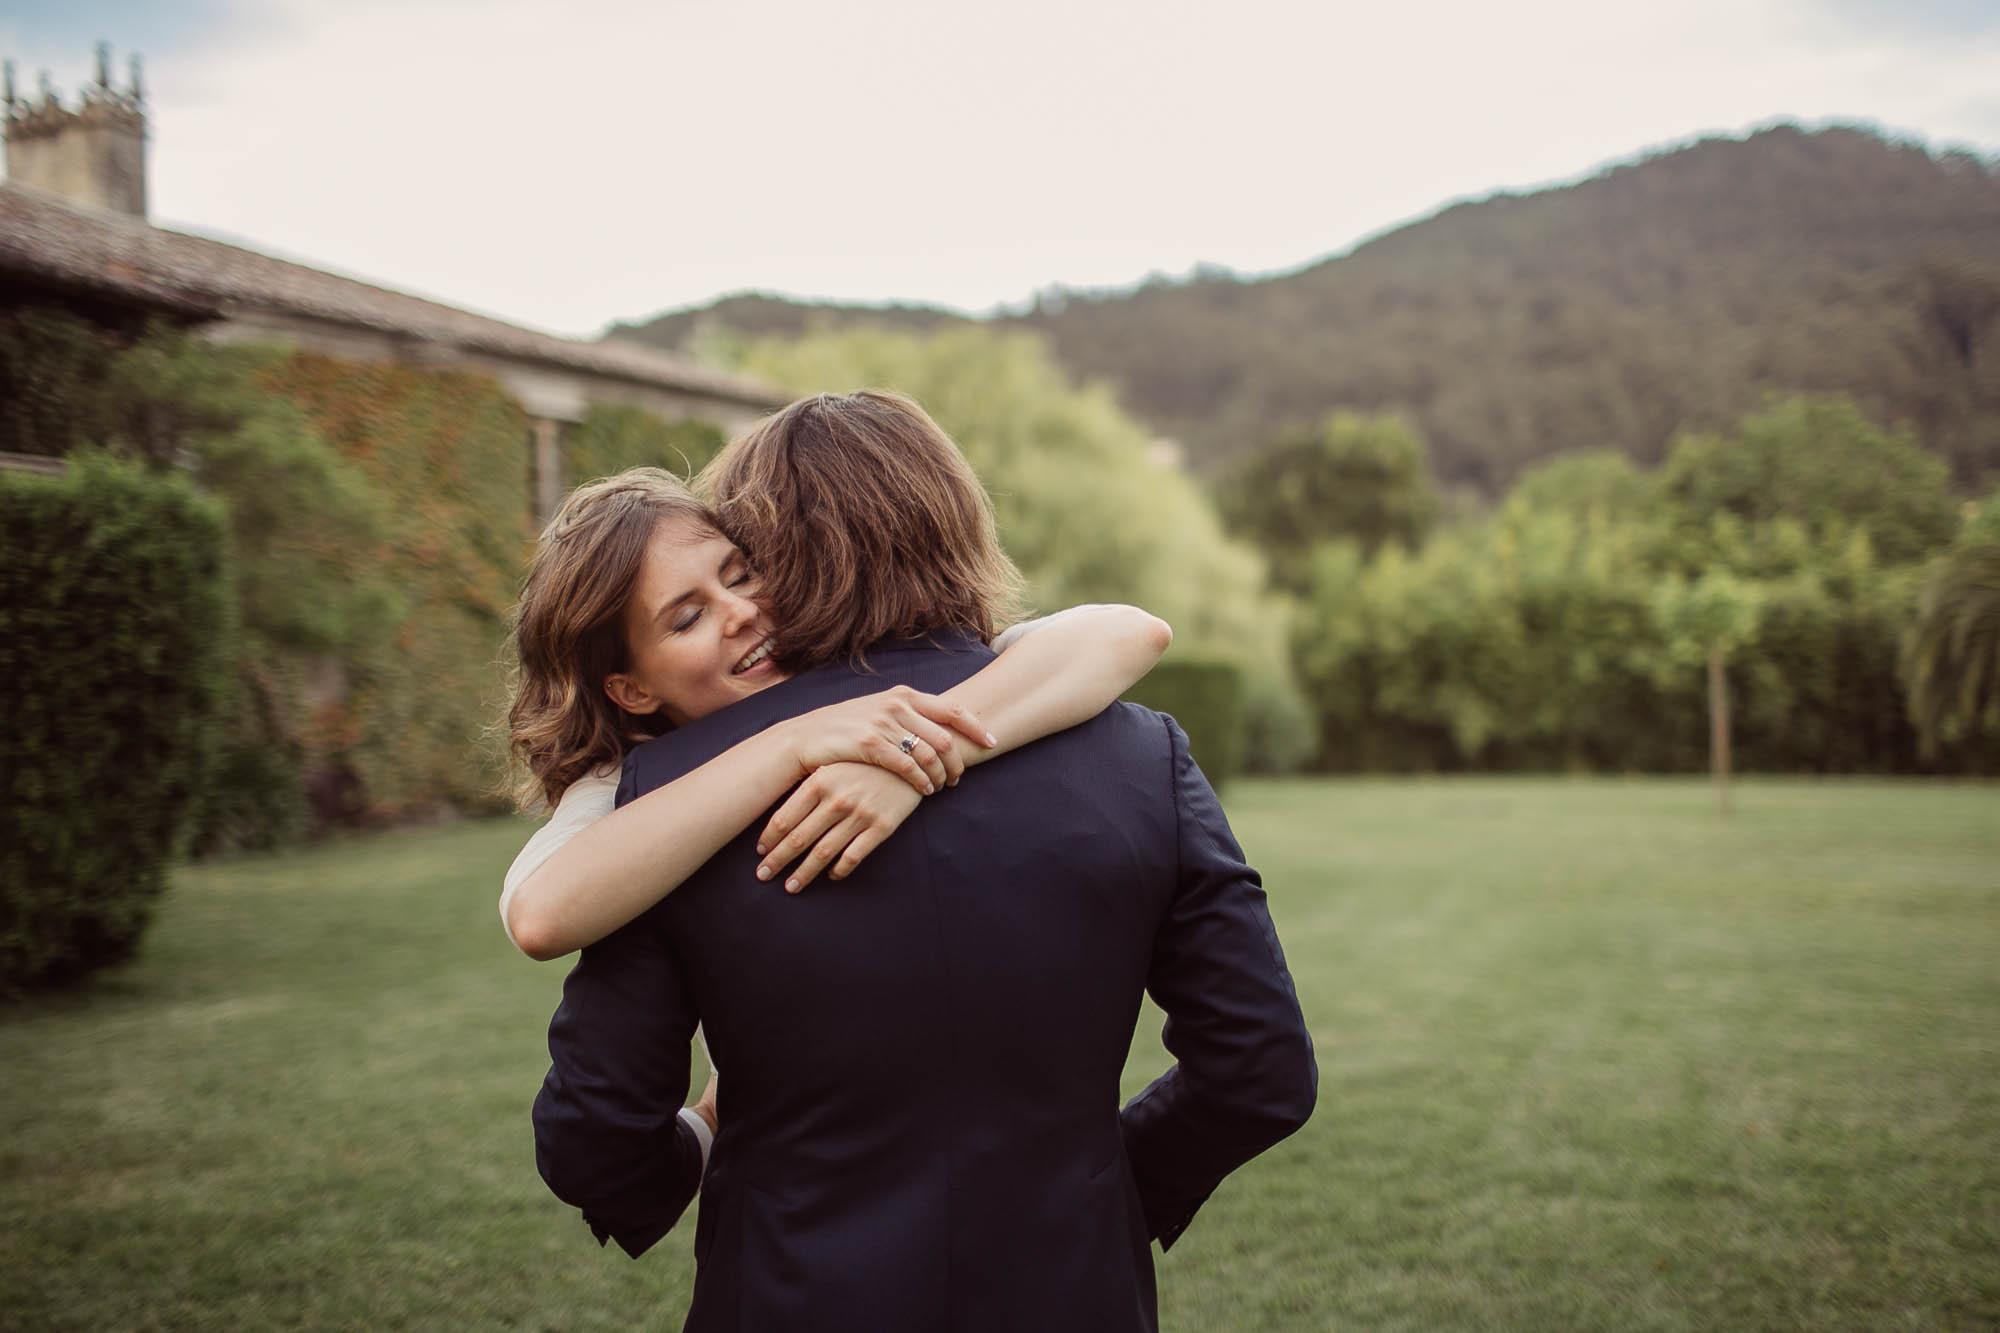 La novia abrazando a su marido y sonriendo